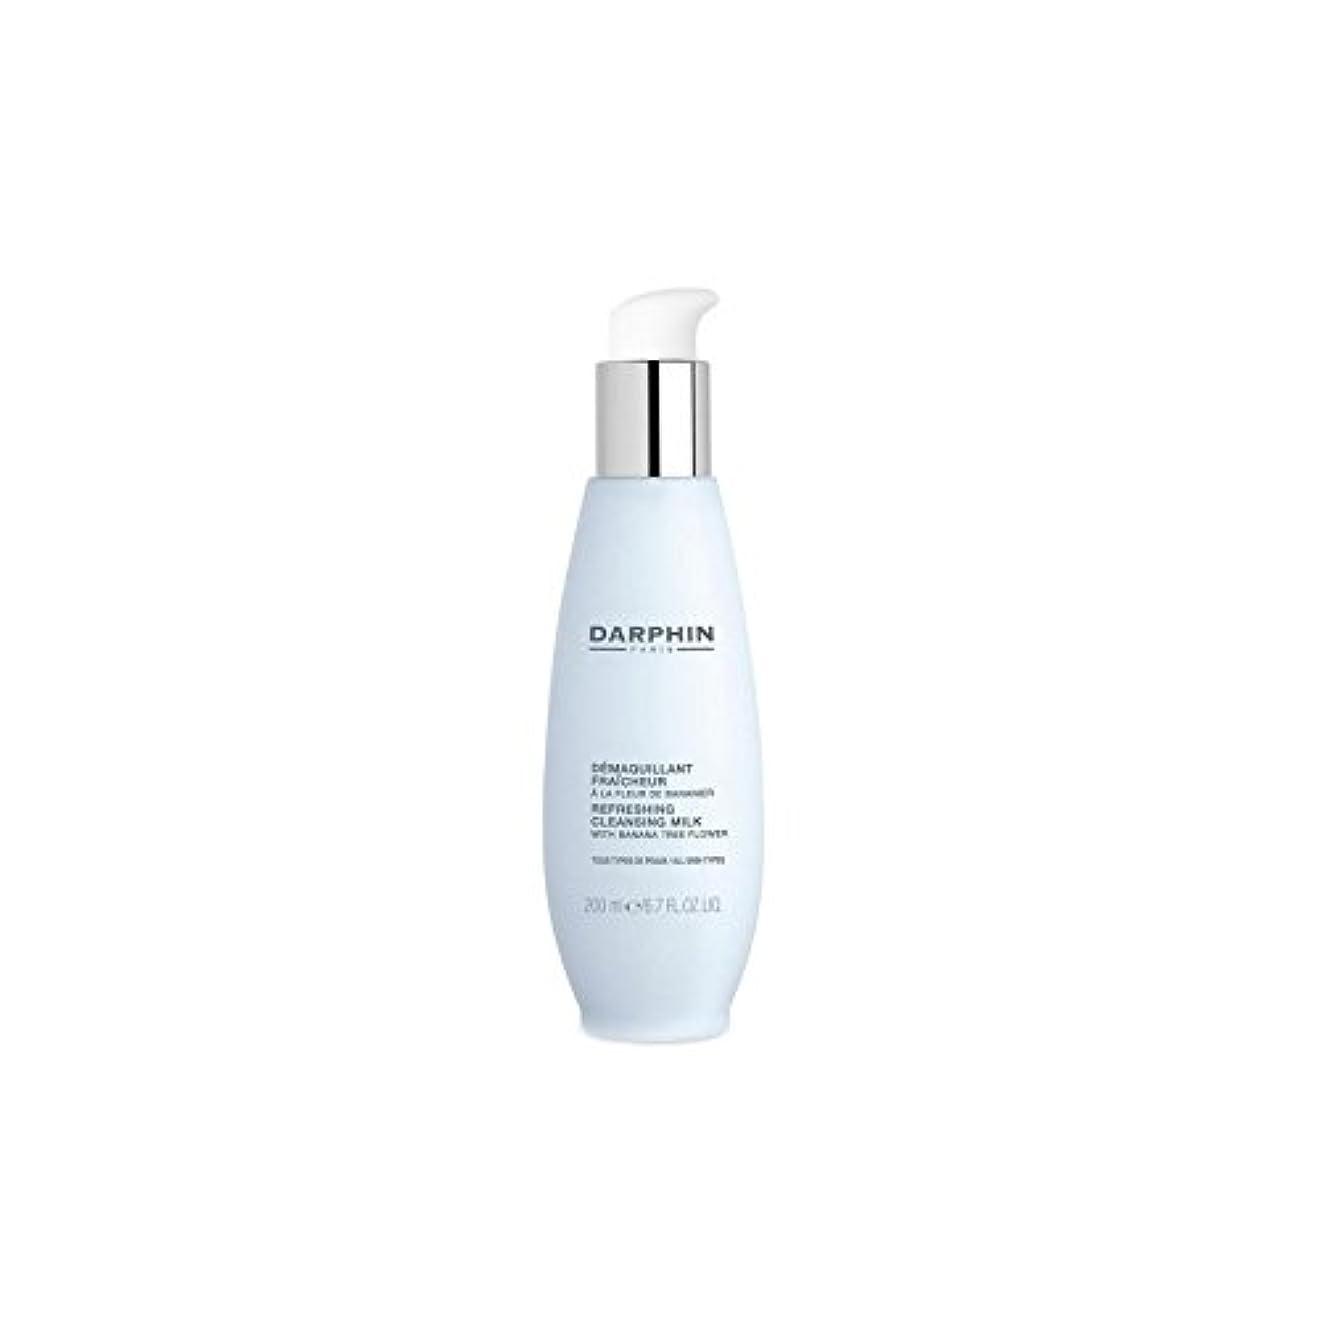 マウスサミュエル怠感Darphin Refreshing Cleansing Milk - For Normal Skin (200ml) (Pack of 6) - さわやかなクレンジングミルクをダルファン - 正常な皮膚のために(200...